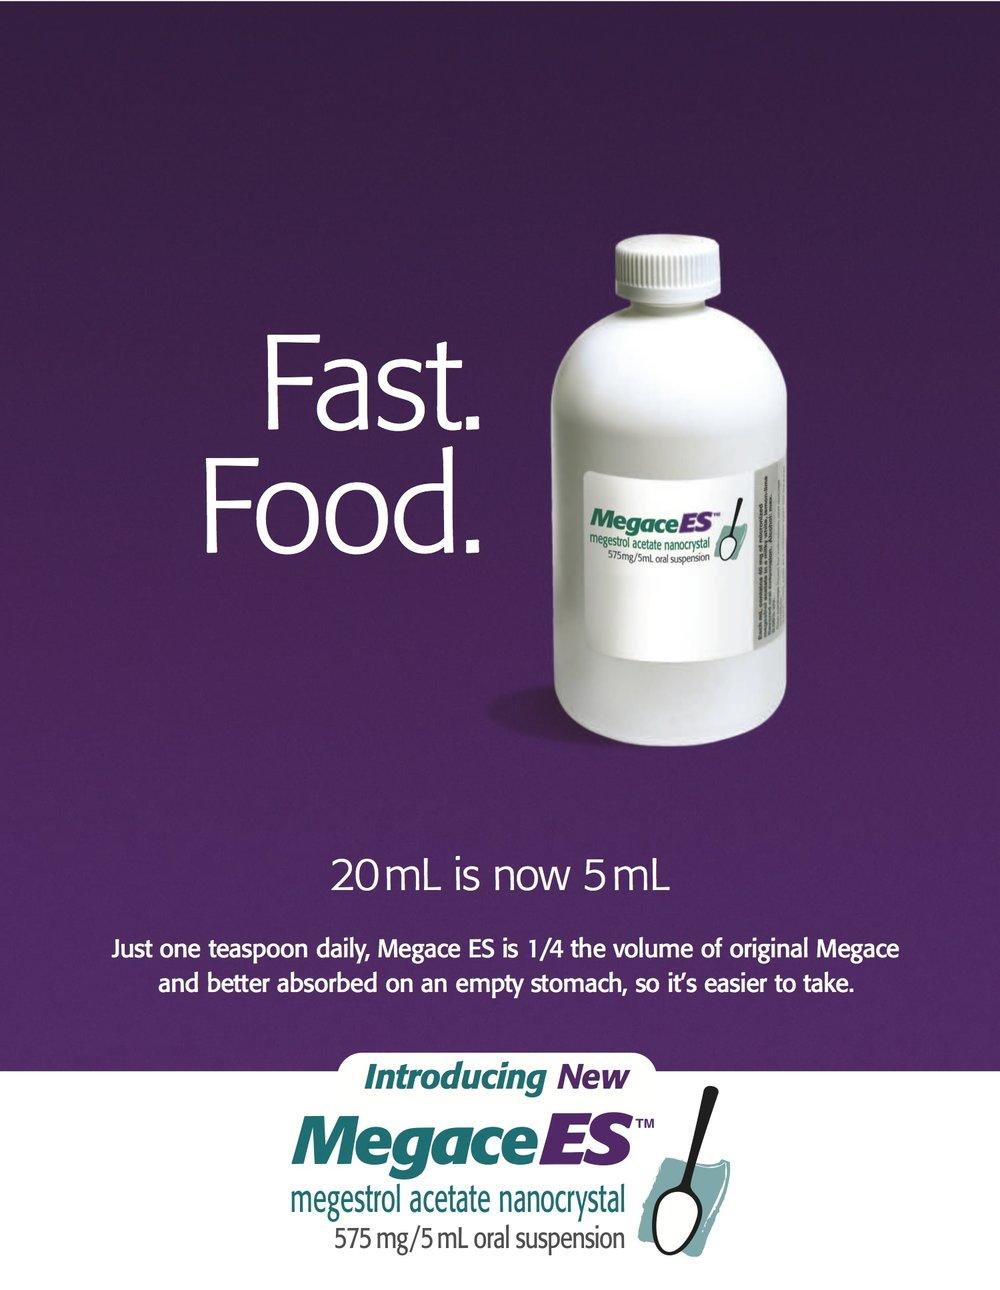 MegaceES-Fast-Food.jpg